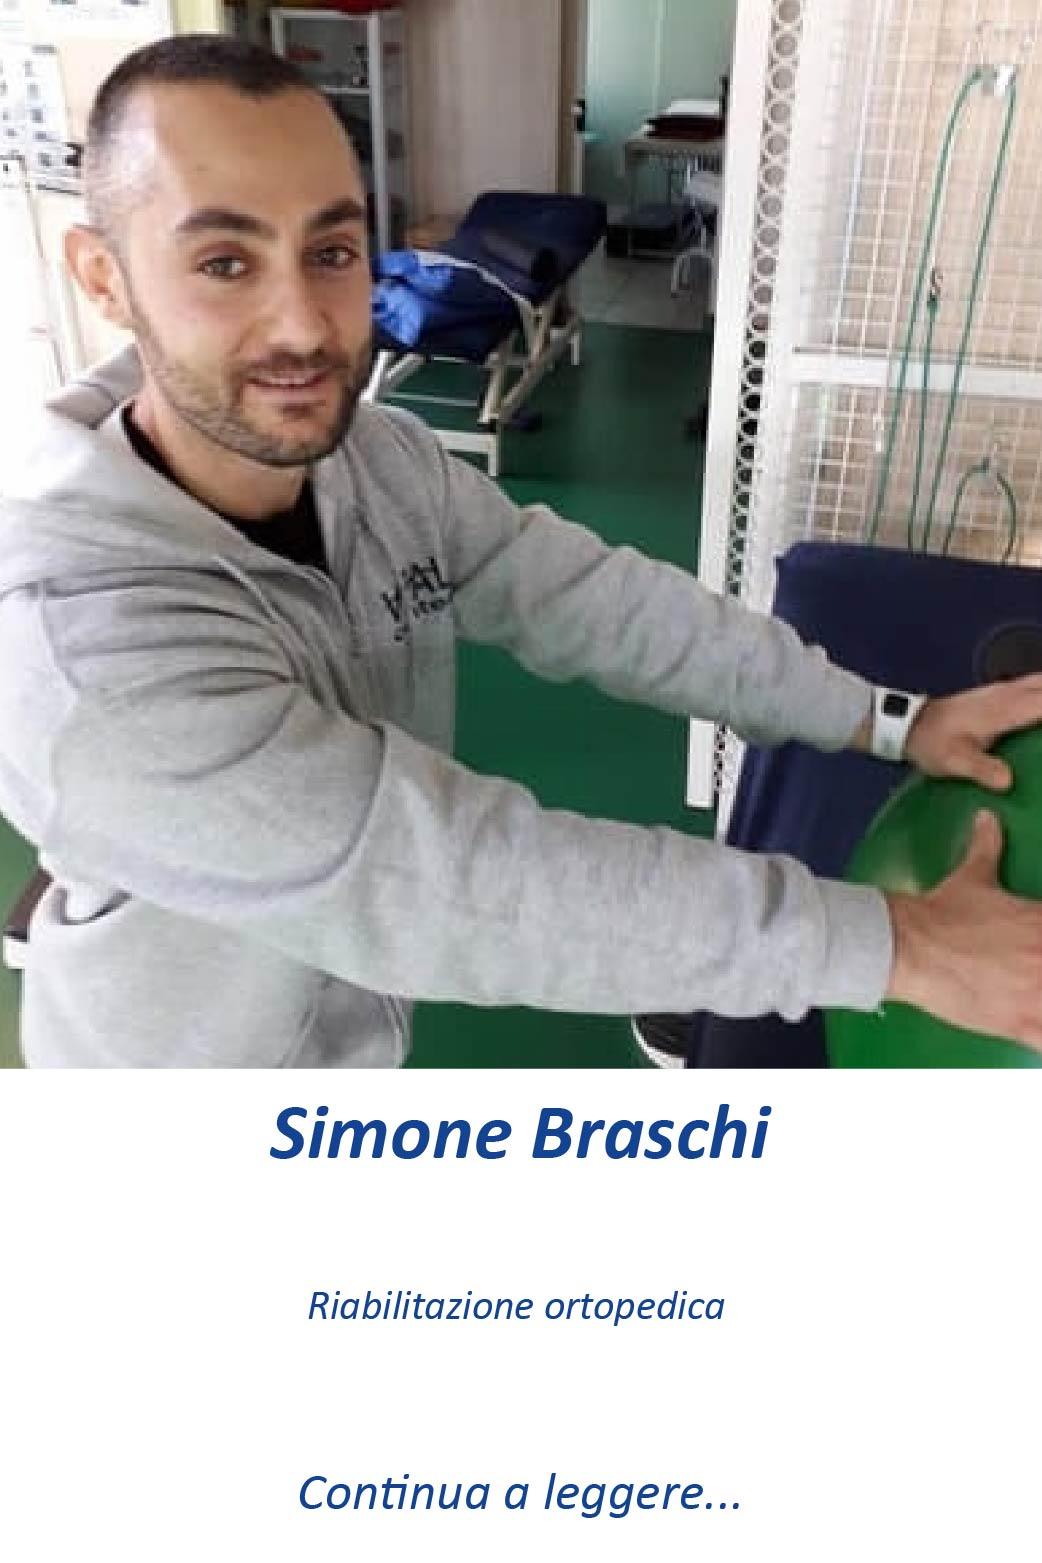 simone-braschi-equipe-fisioterapia-riabilitazione-vital-center-empoli